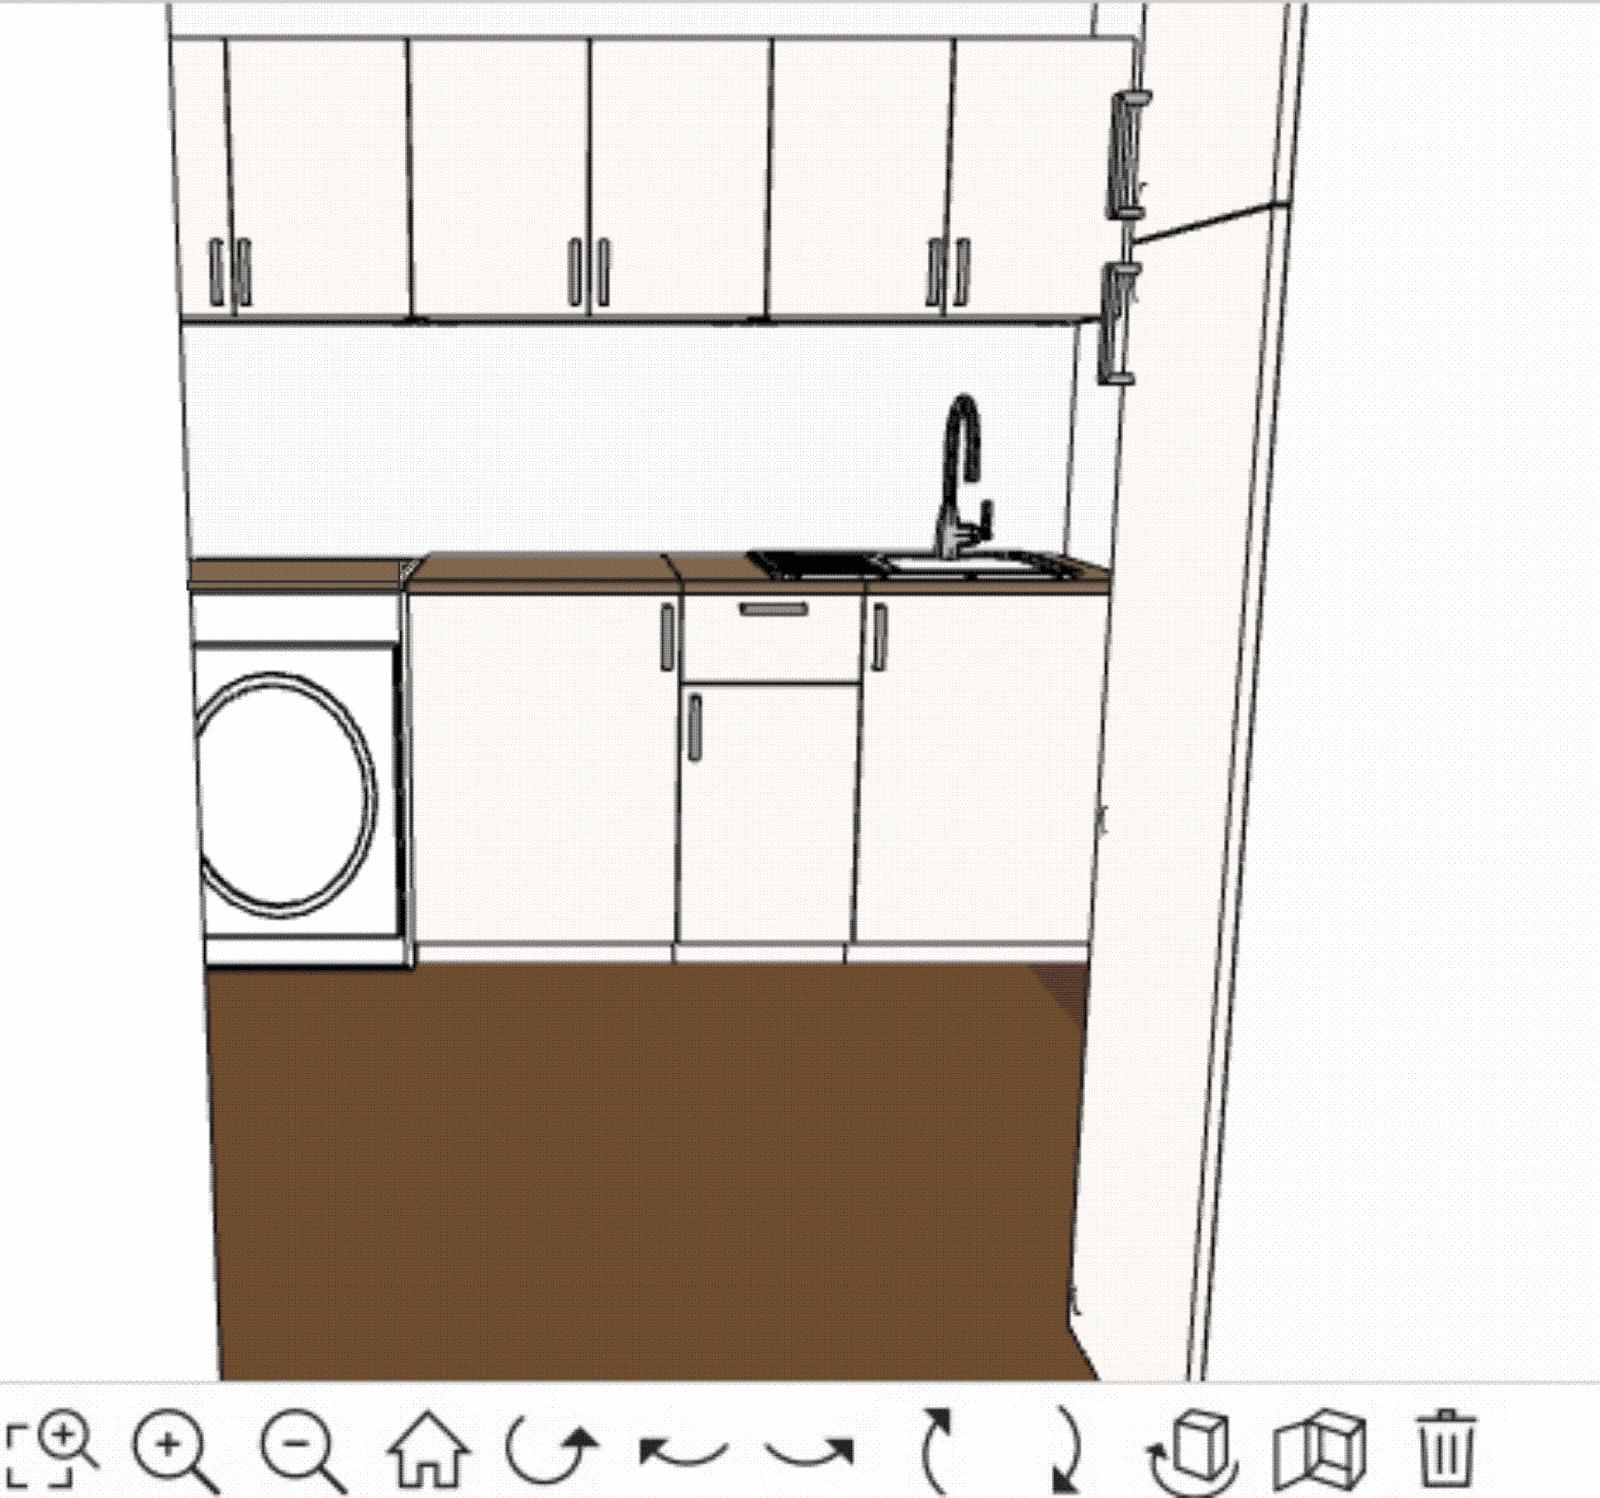 ein traumhaus f r familie s lange nicht bei ikea gewesen. Black Bedroom Furniture Sets. Home Design Ideas